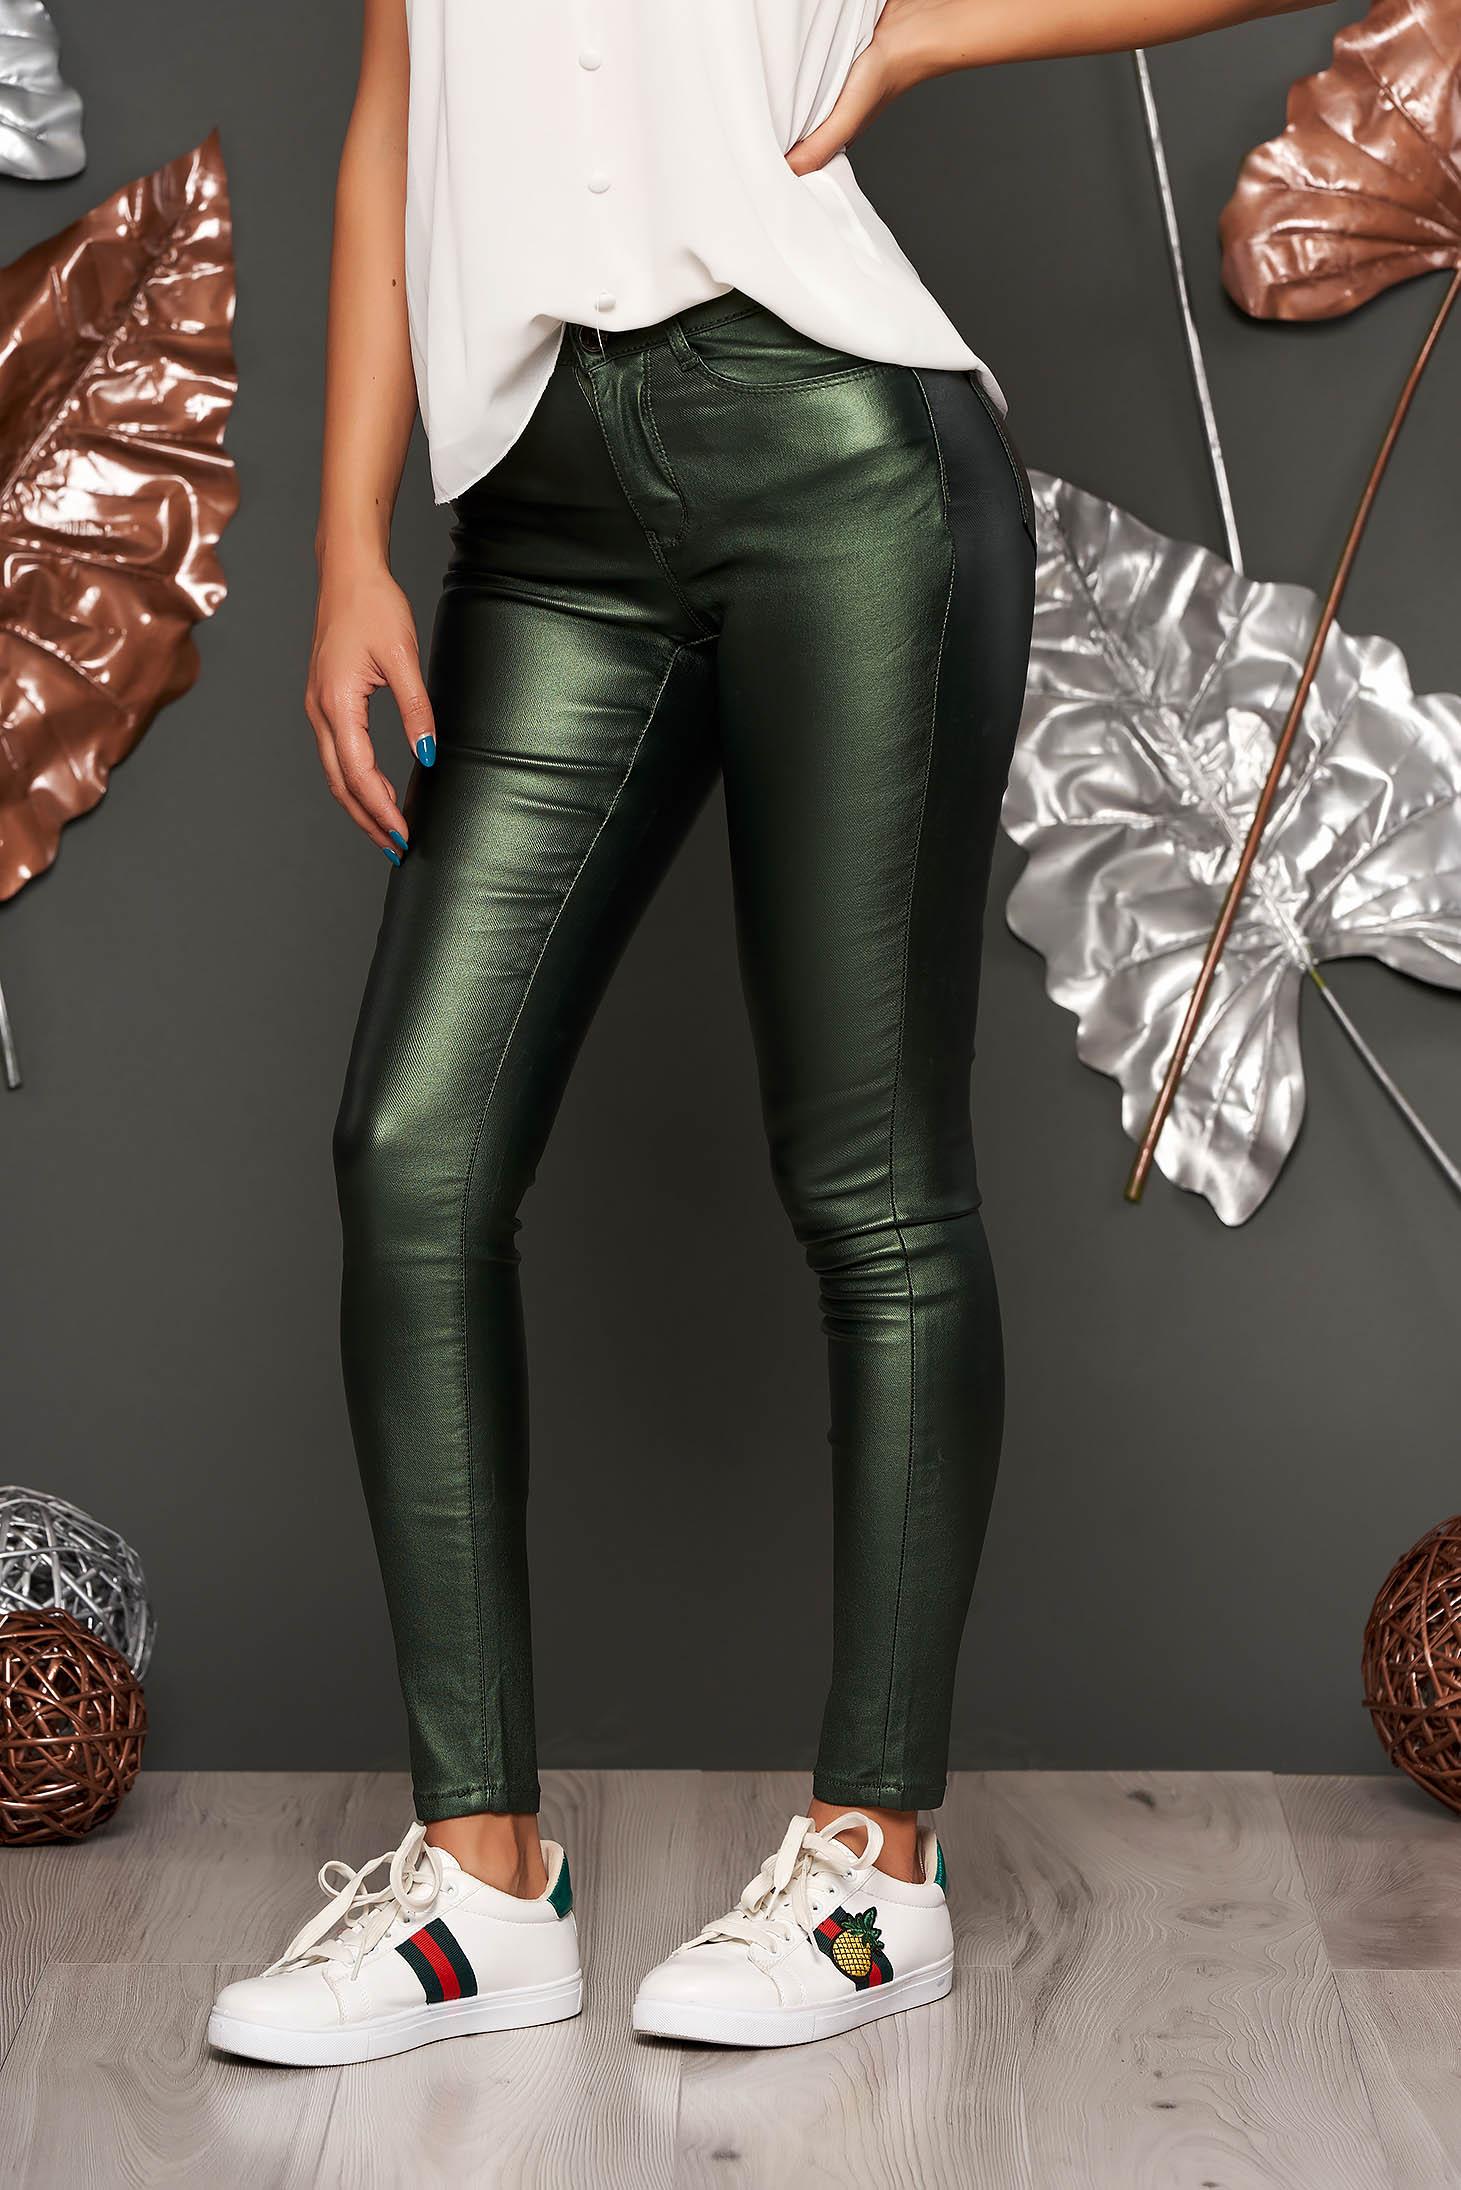 Zöld casual szűk szabású nadrág fényes anyagból